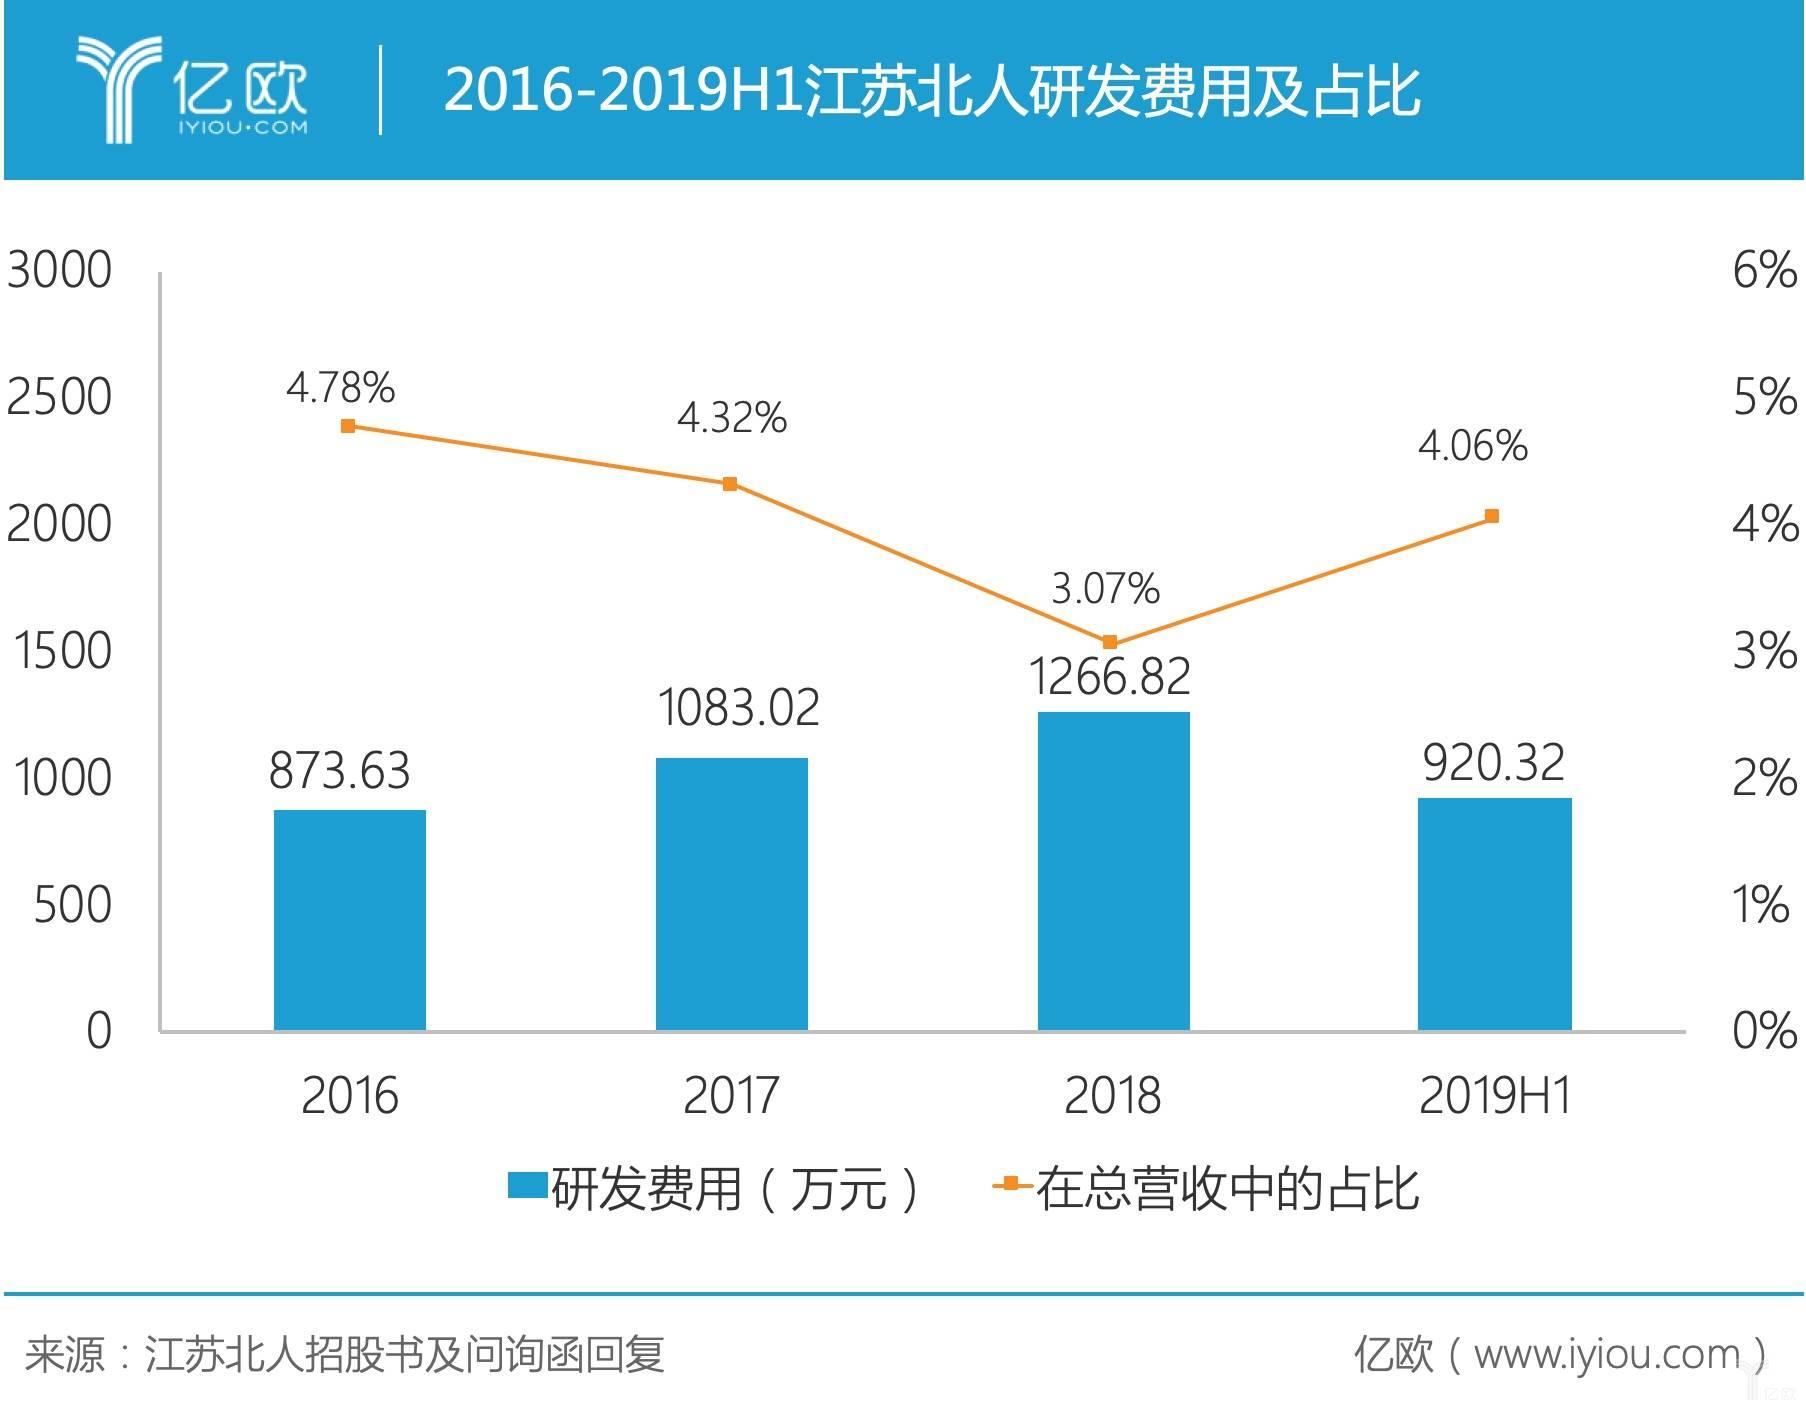 2016-2019H1江苏北人研发费用及占比